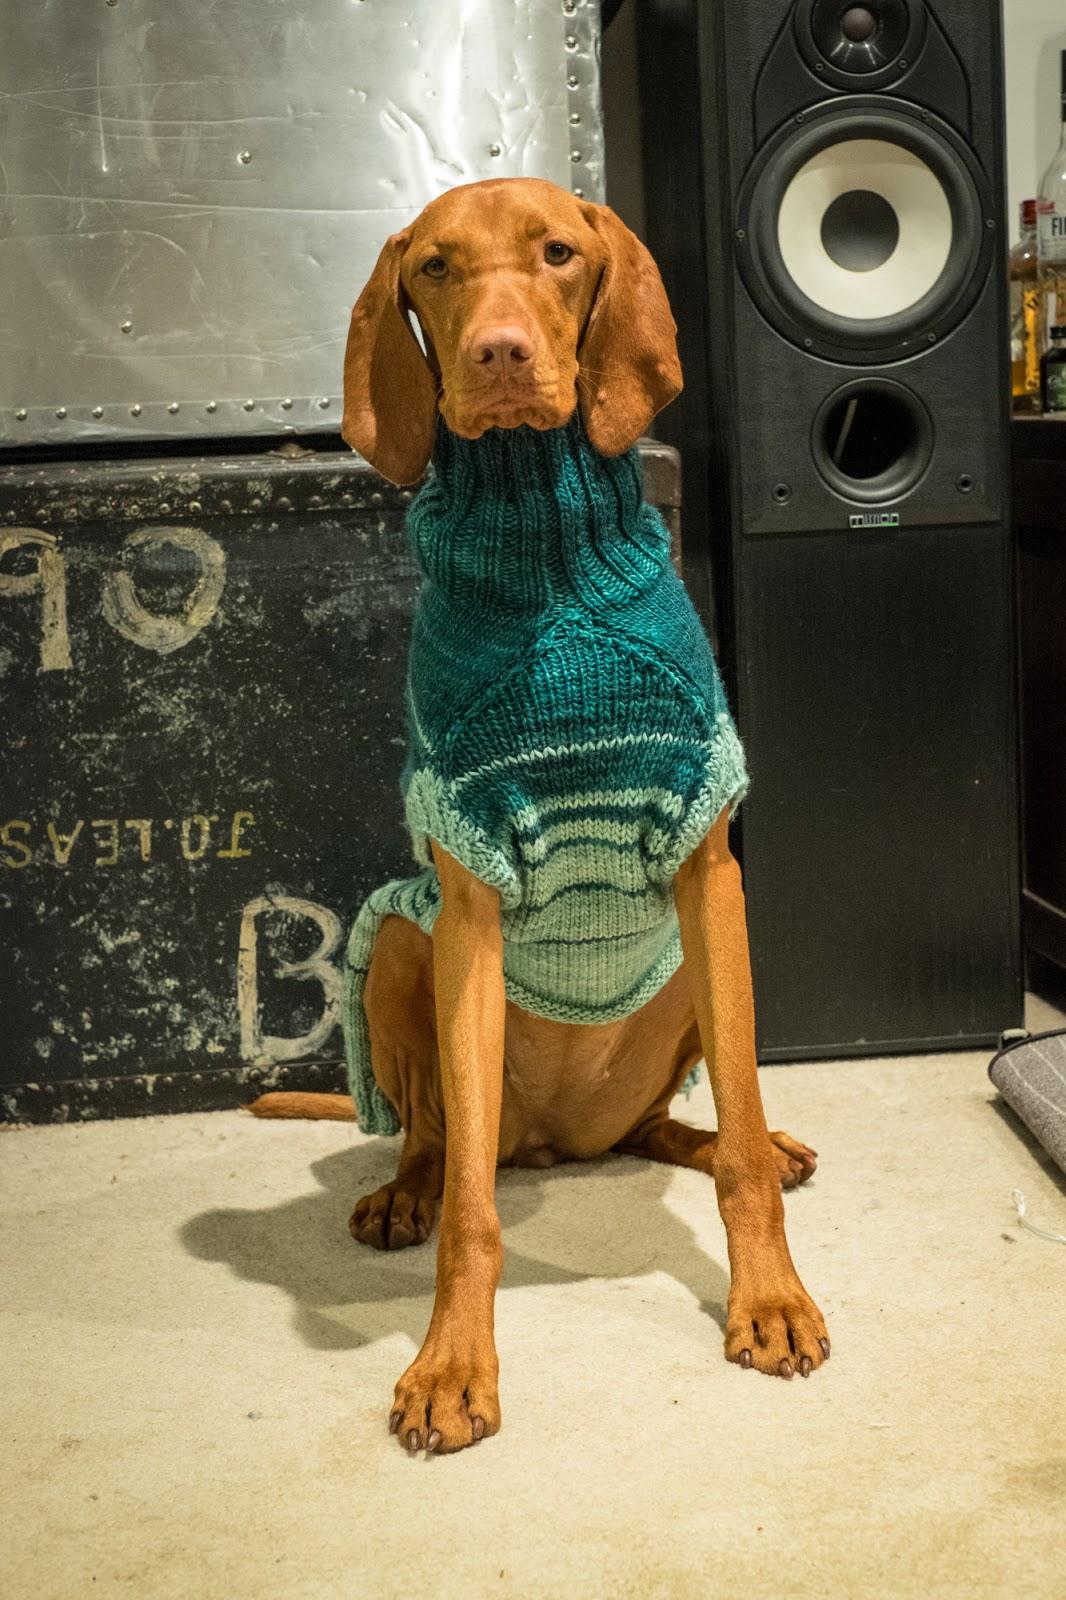 Whiskey Girl The Vizsla Puppy Knitting A Dog Sweater For A Vizsla